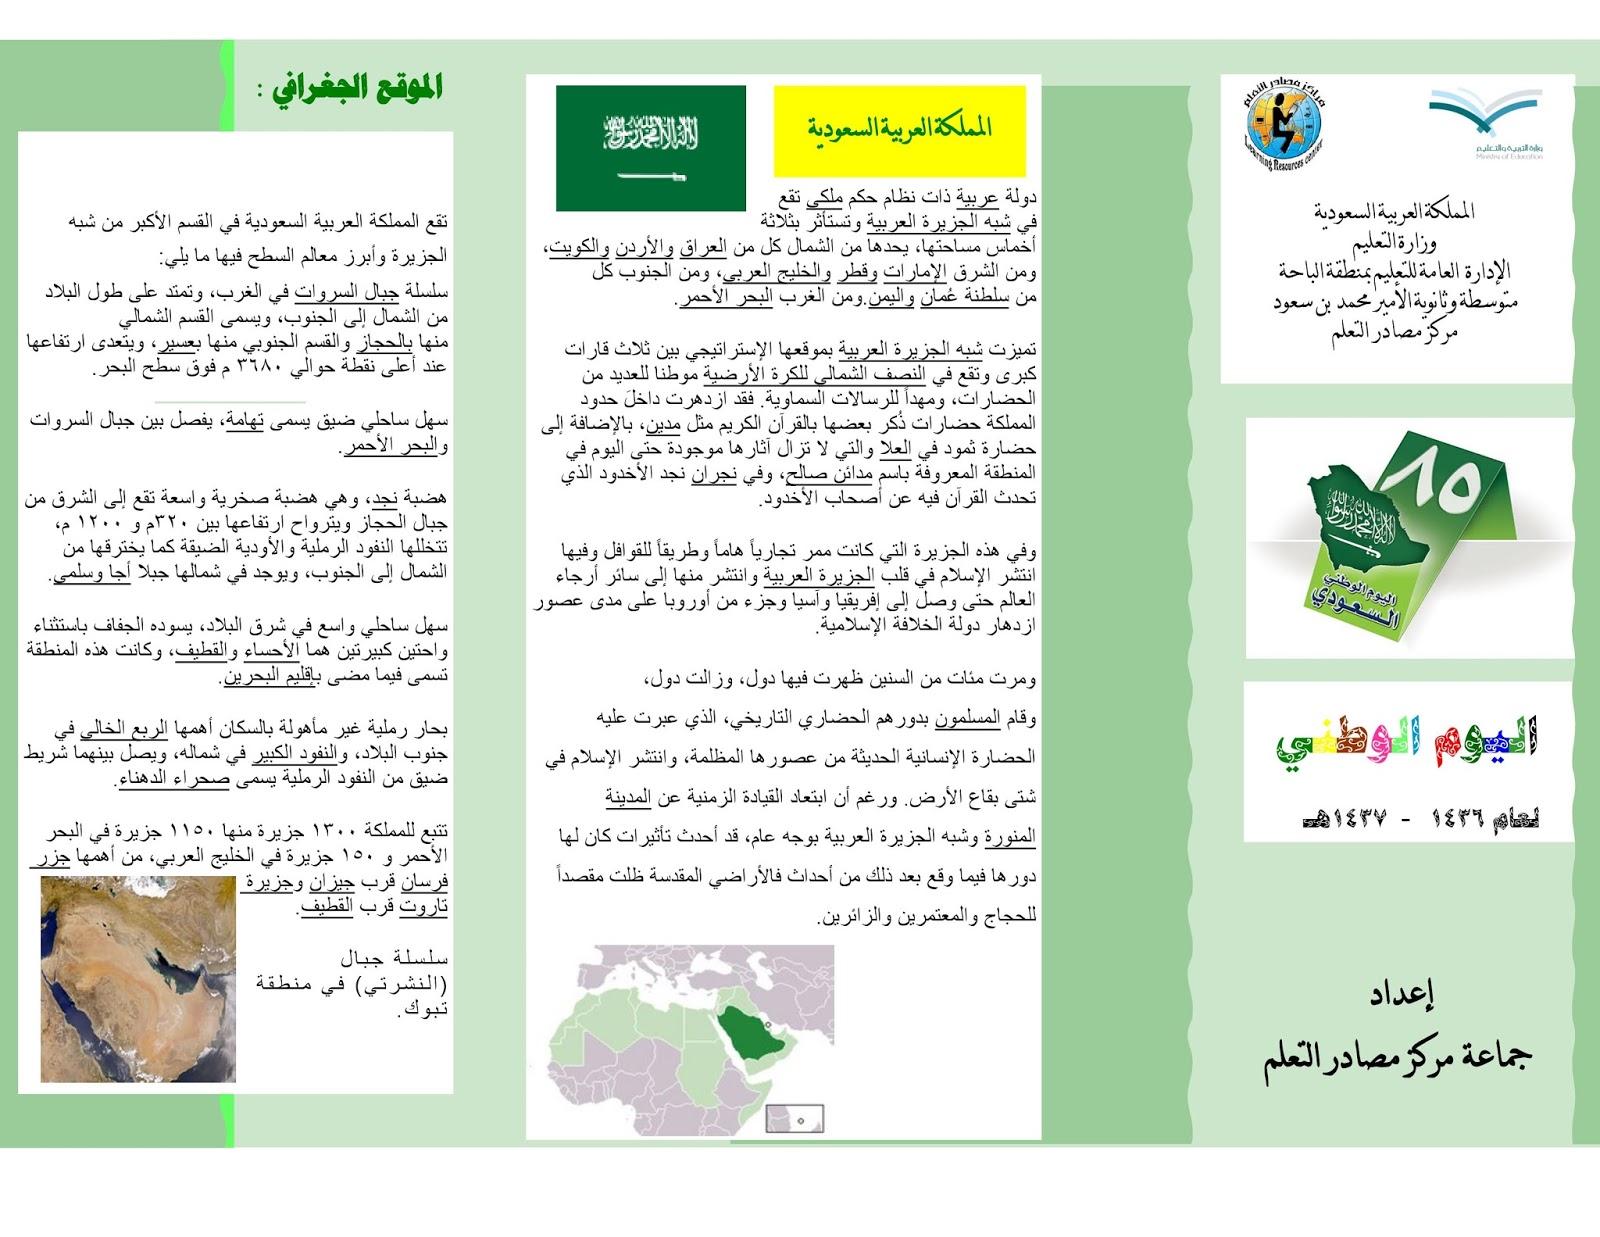 توزيعات اليوم الوطني 81 عدة تصاميم مميزه Birthday Party Games For Kids Eid Gifts Birthday Party Games